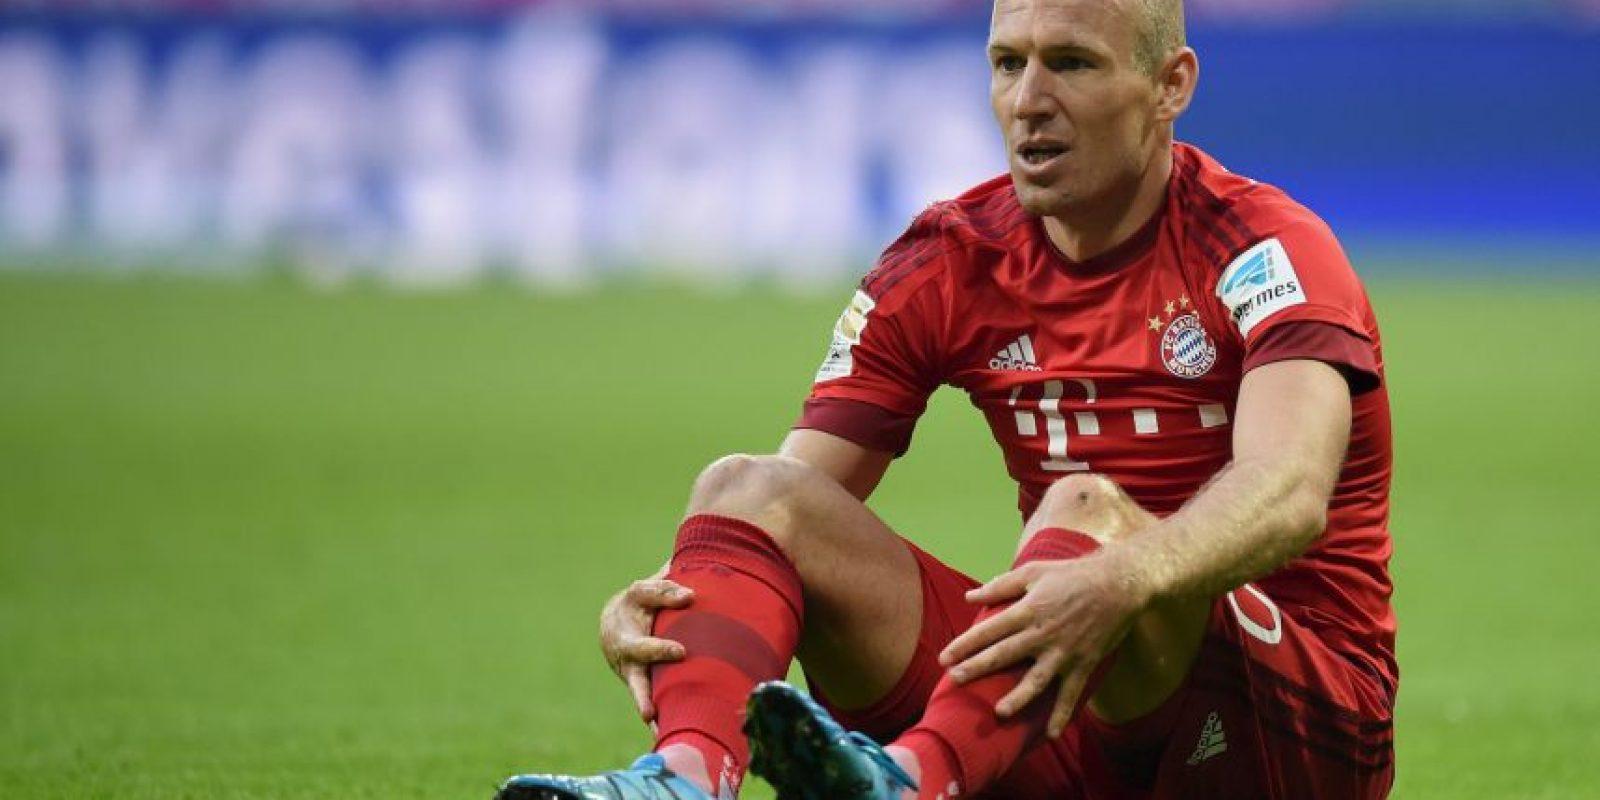 También jugó en clubes como el Groningen, PSV, Chelsea y Real Madrid. Foto:Getty Images